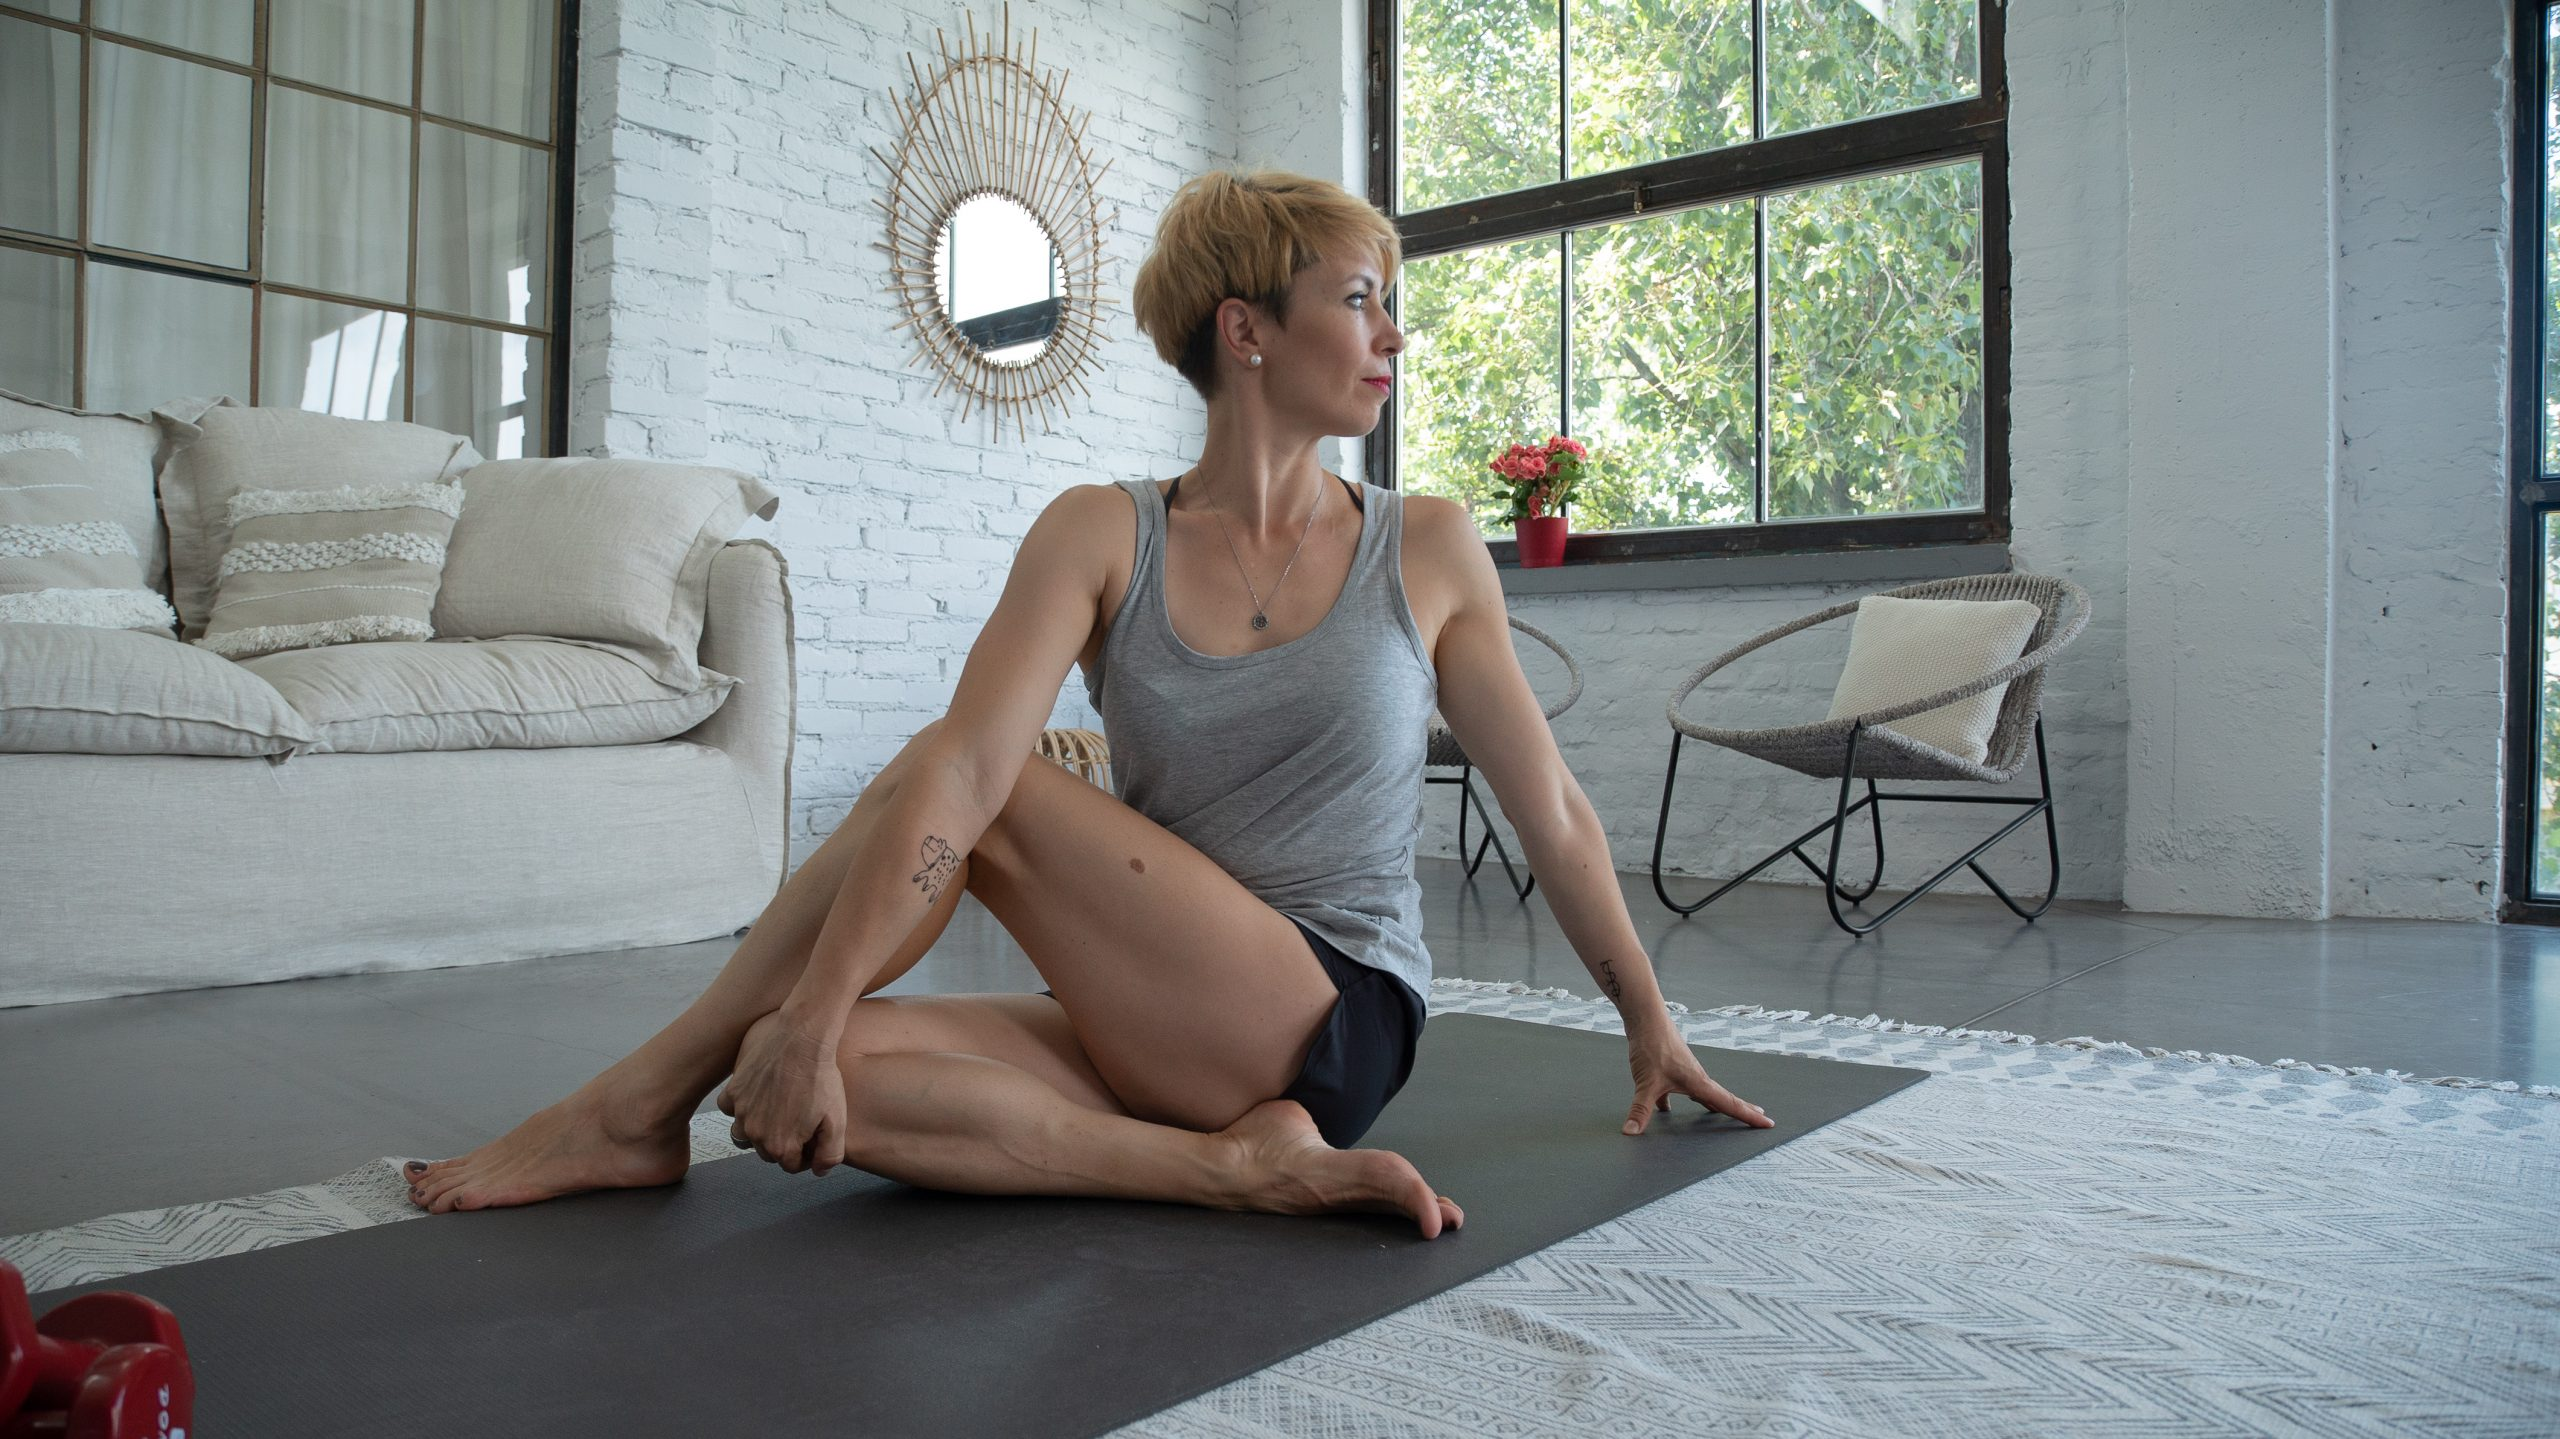 Nő jógaszőgenyen gerincgyakorlatot végez